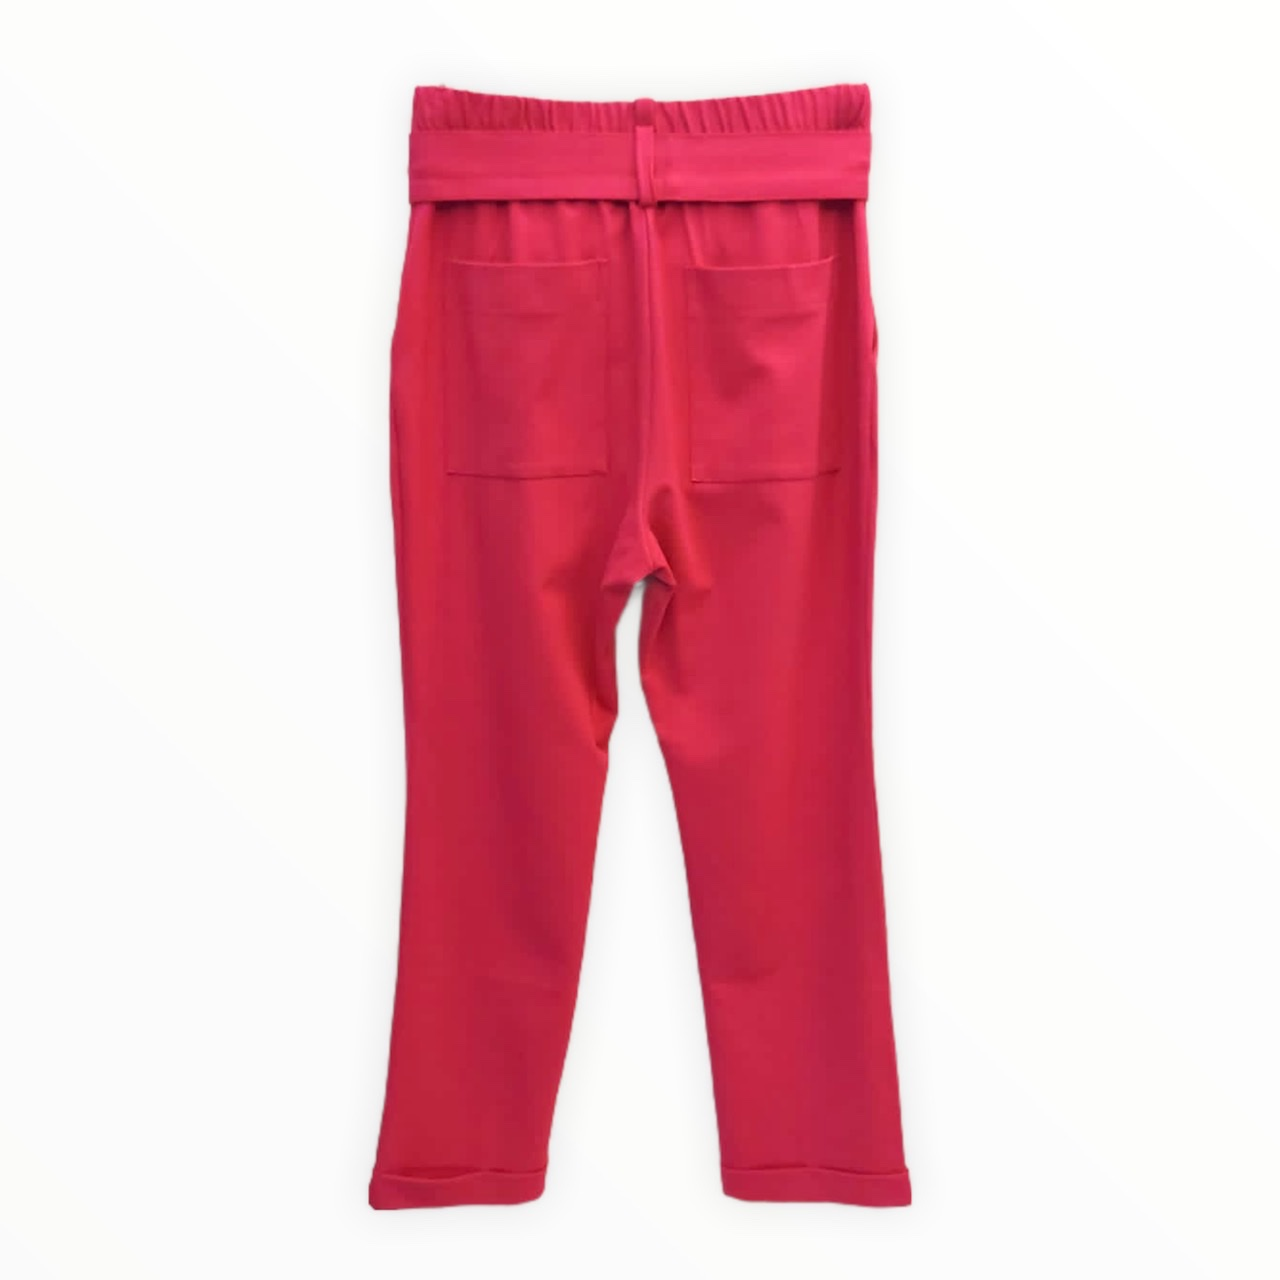 Calça Julia pink